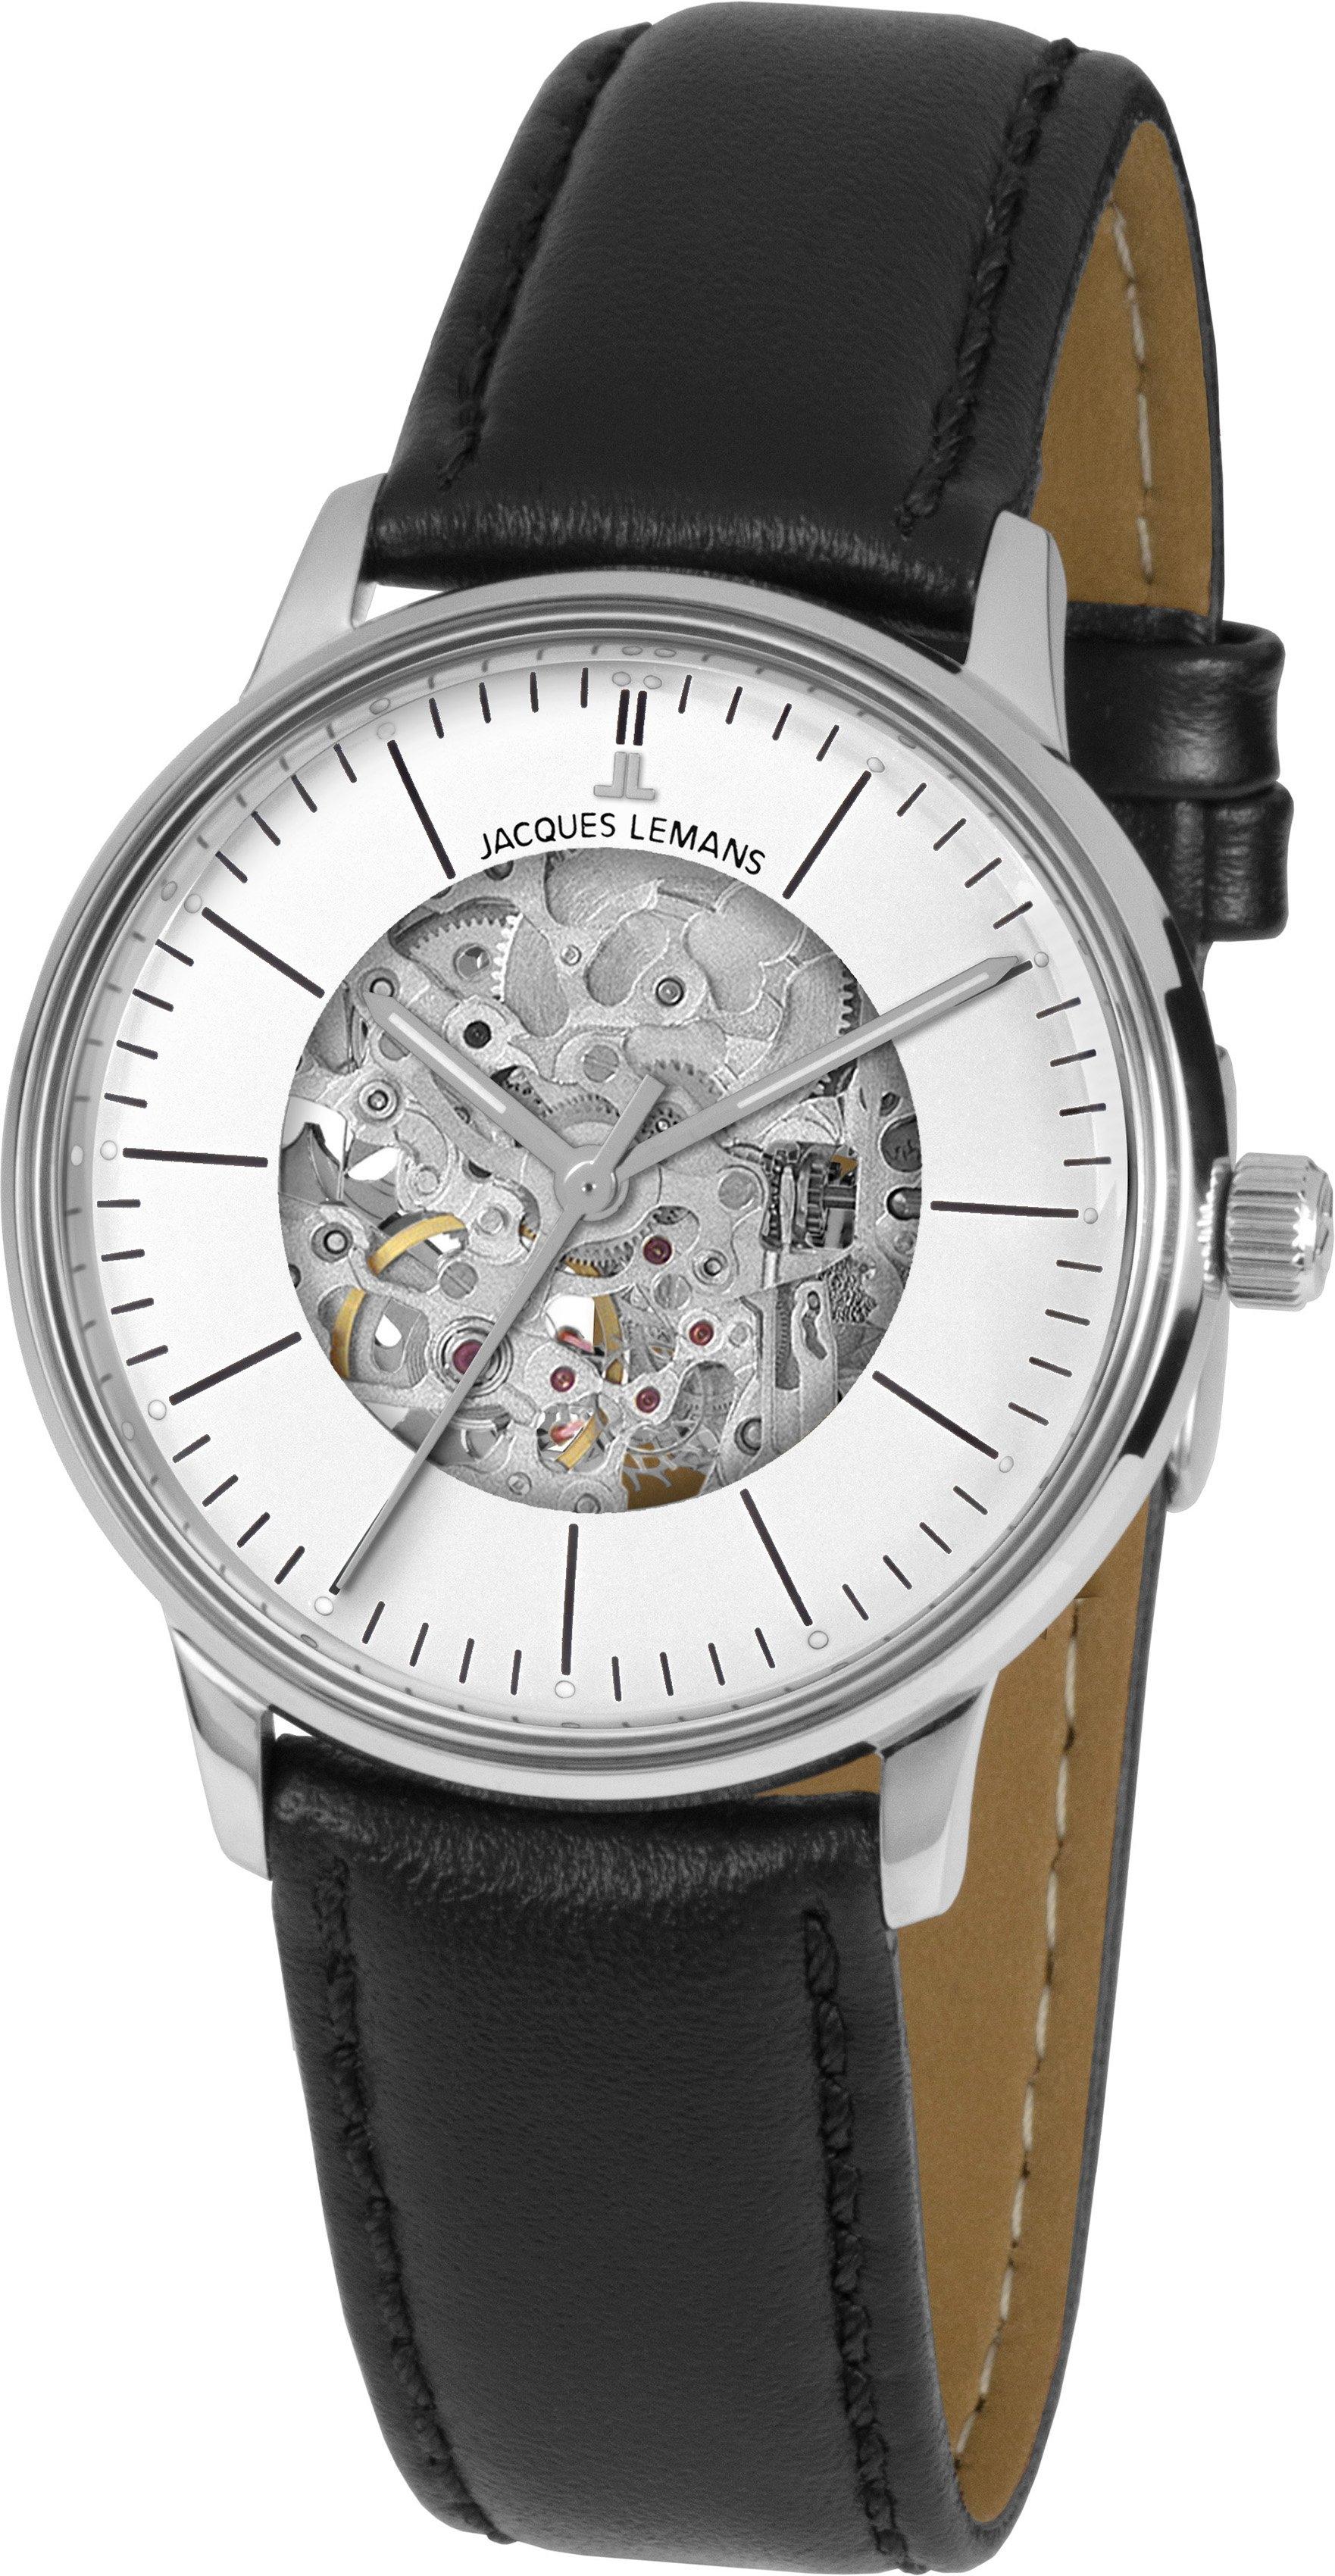 Jacques Lemans mechanisch horloge »Retro Classic, N-207ZA« bij OTTO online kopen